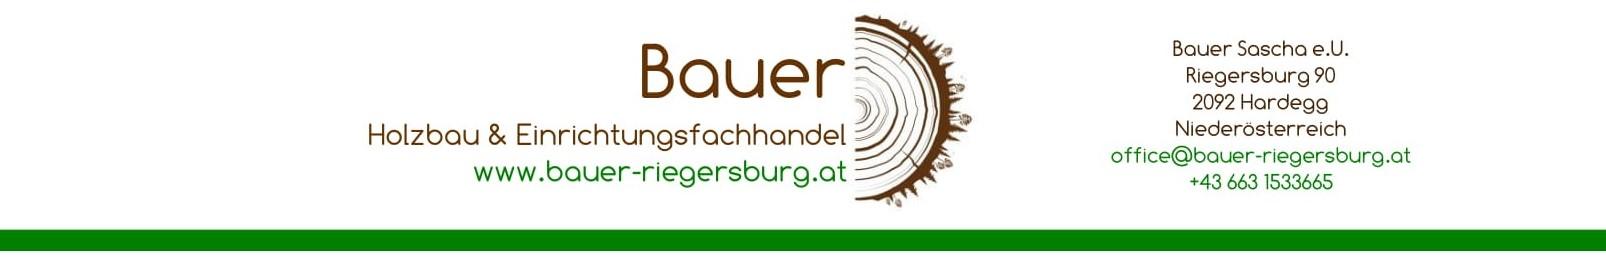 Bauer Sascha e.U.